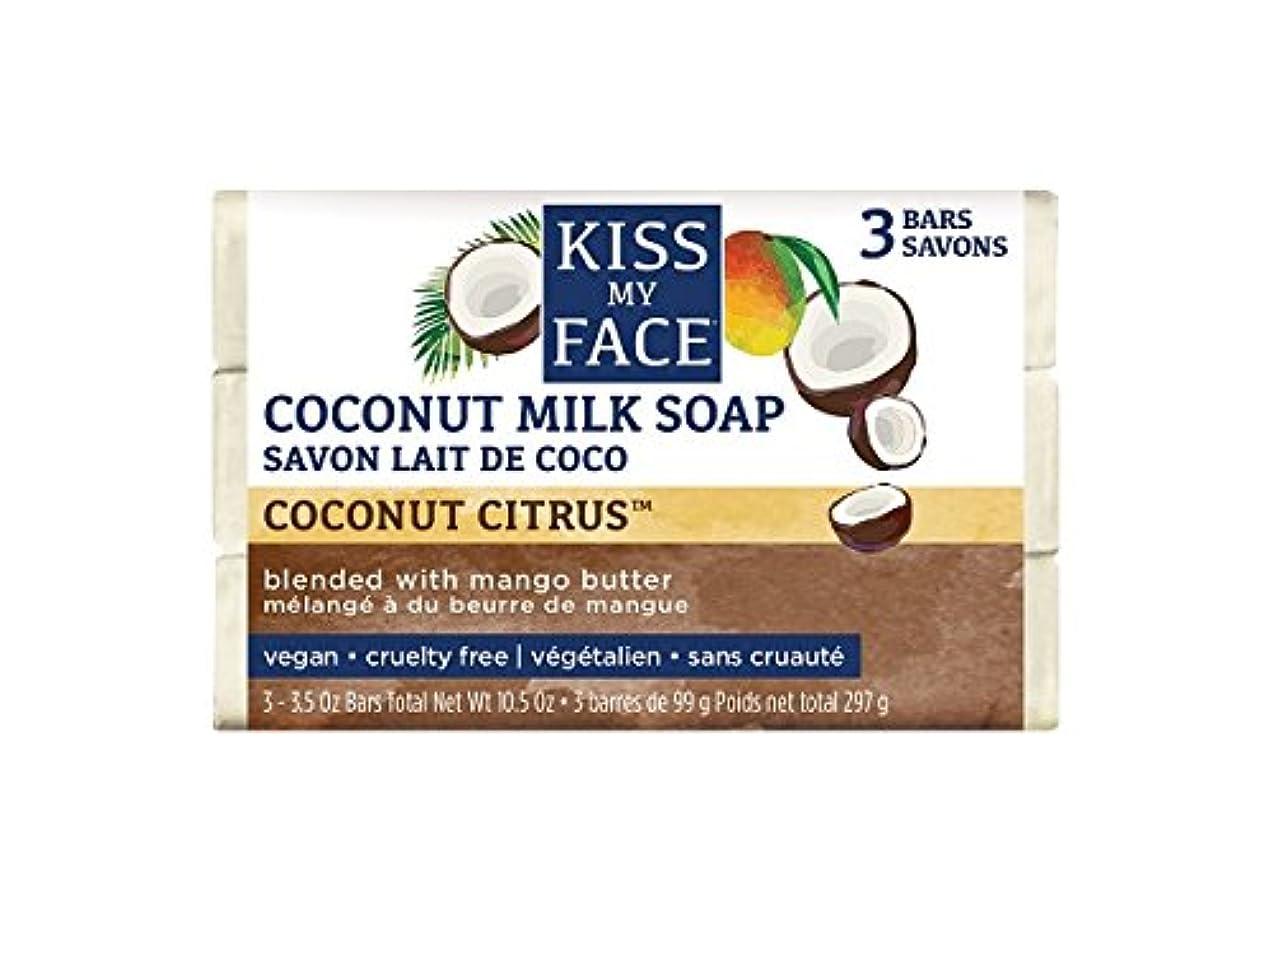 うがいますます重さKiss My Face - ココナッツミルク棒石鹸 - 3パック - 10.5ポンド